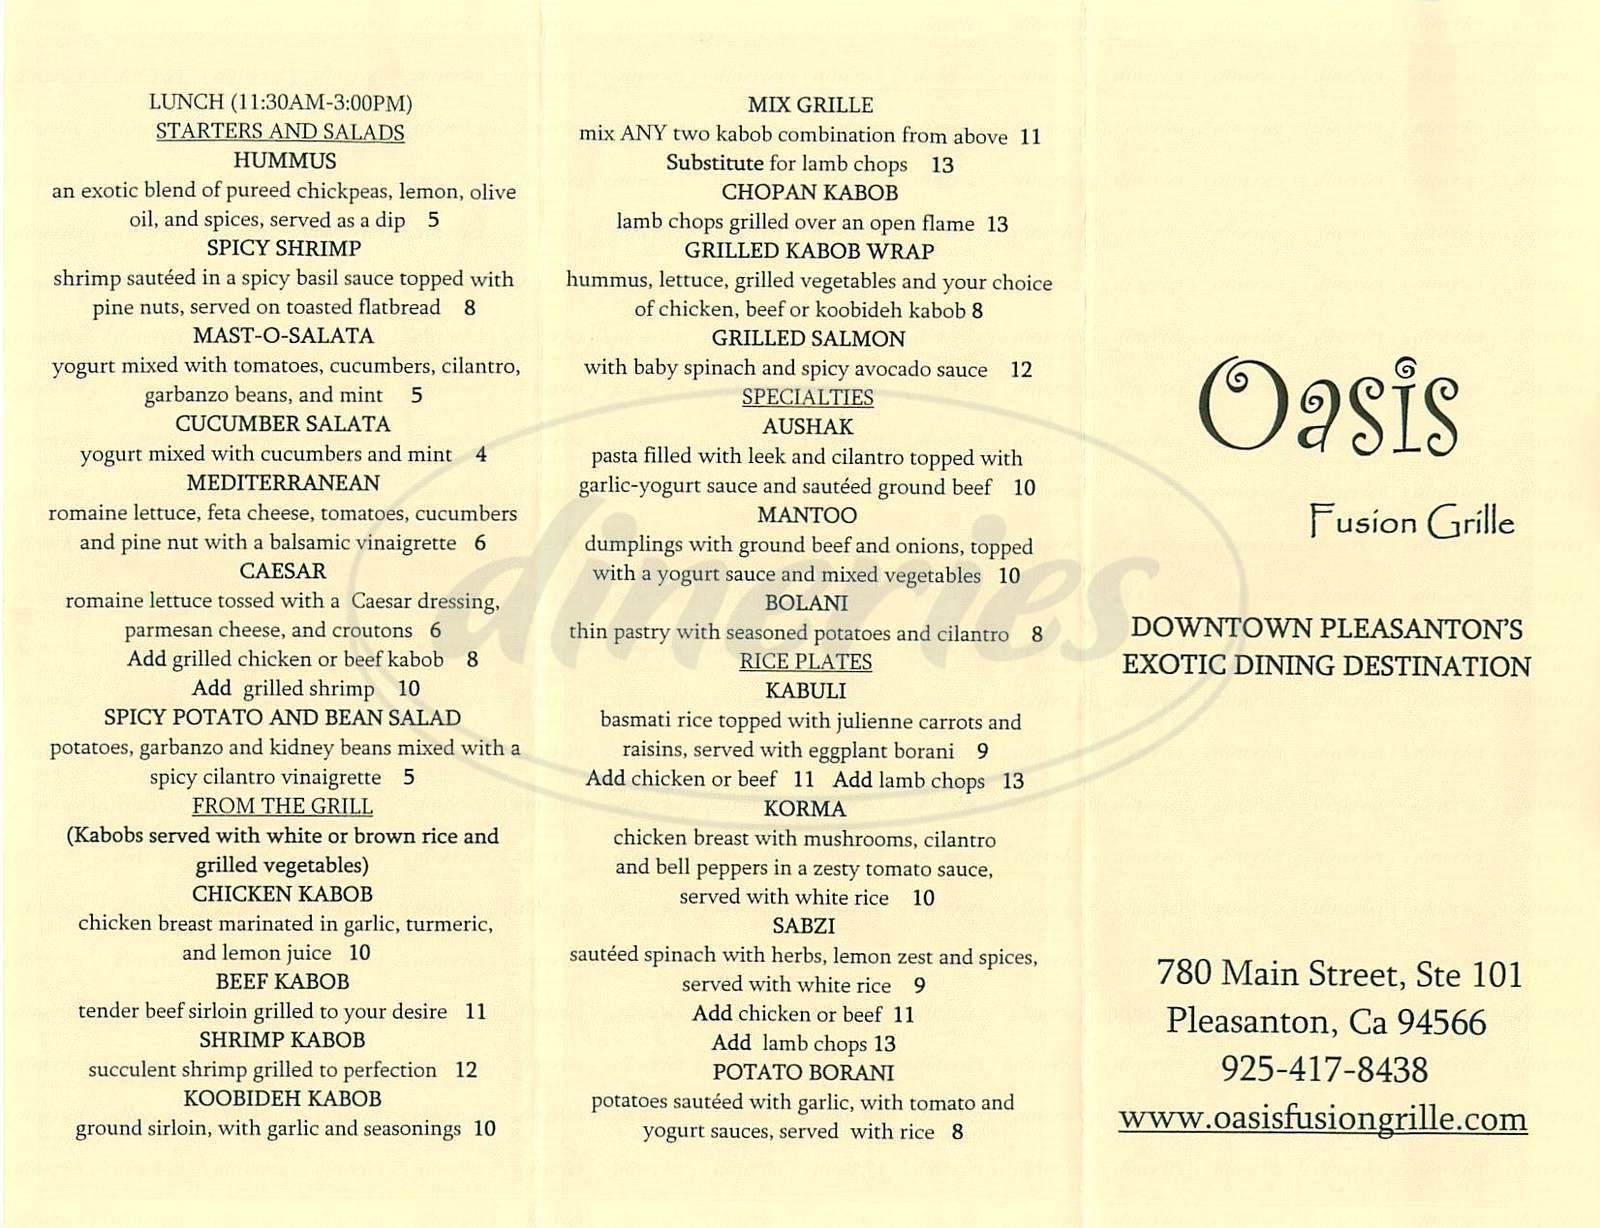 menu for Oasis